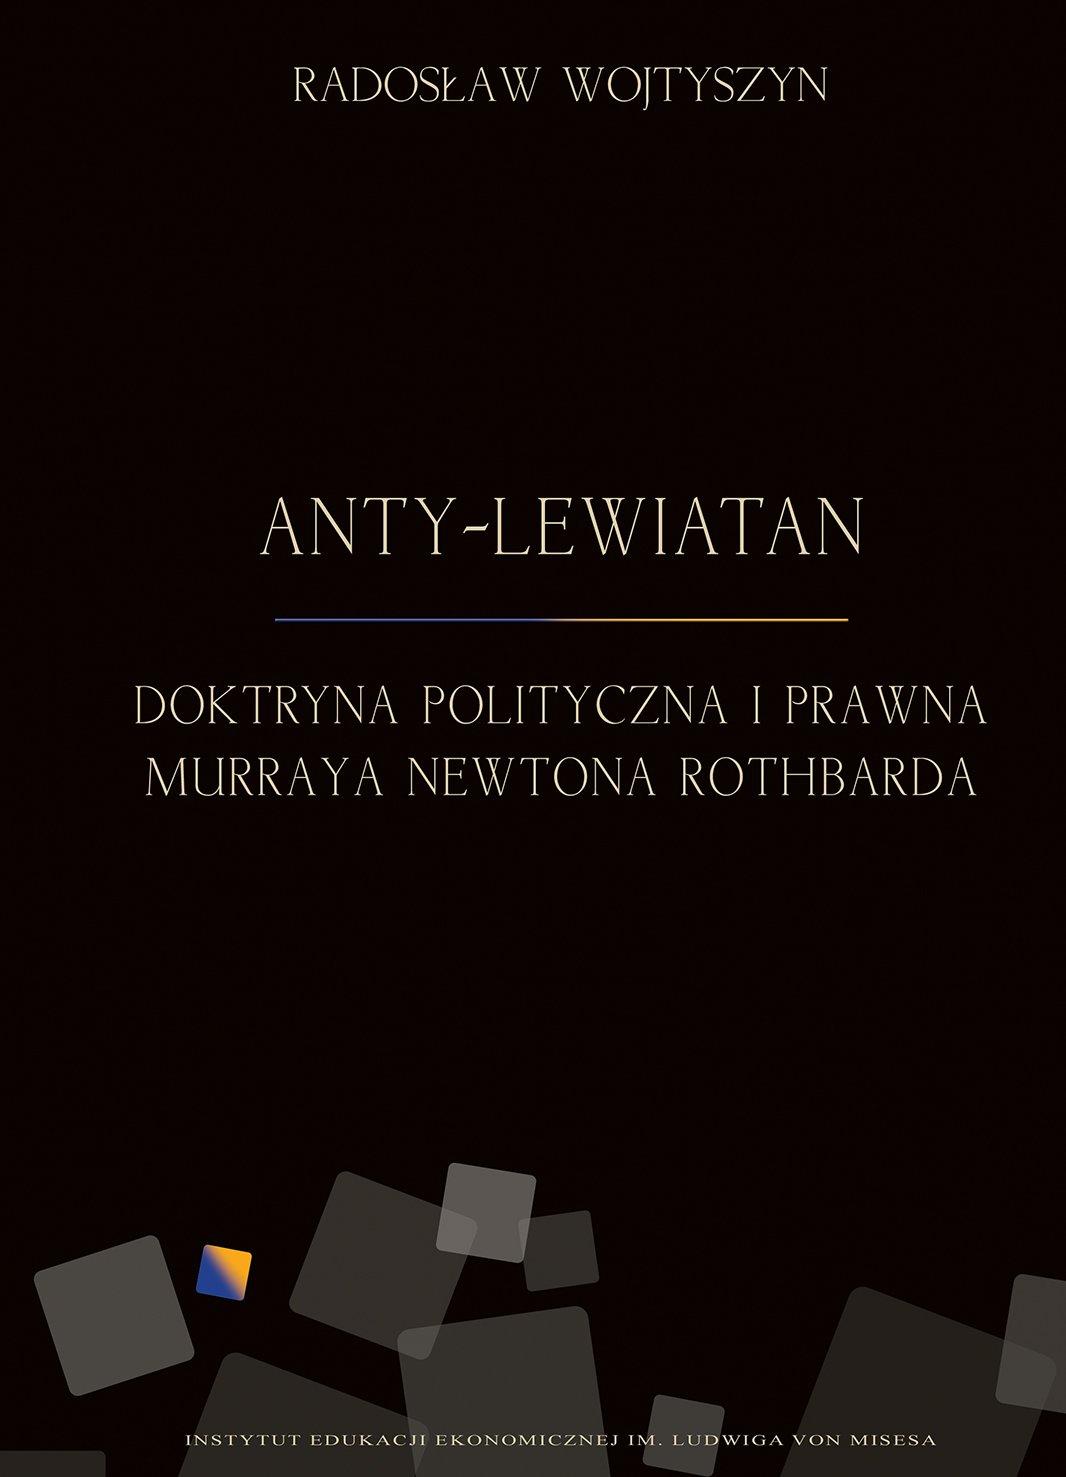 Anty-Lewiatan. Doktryna polityczna i prawna Murraya Newtona Rothbarda - Ebook (Książka EPUB) do pobrania w formacie EPUB